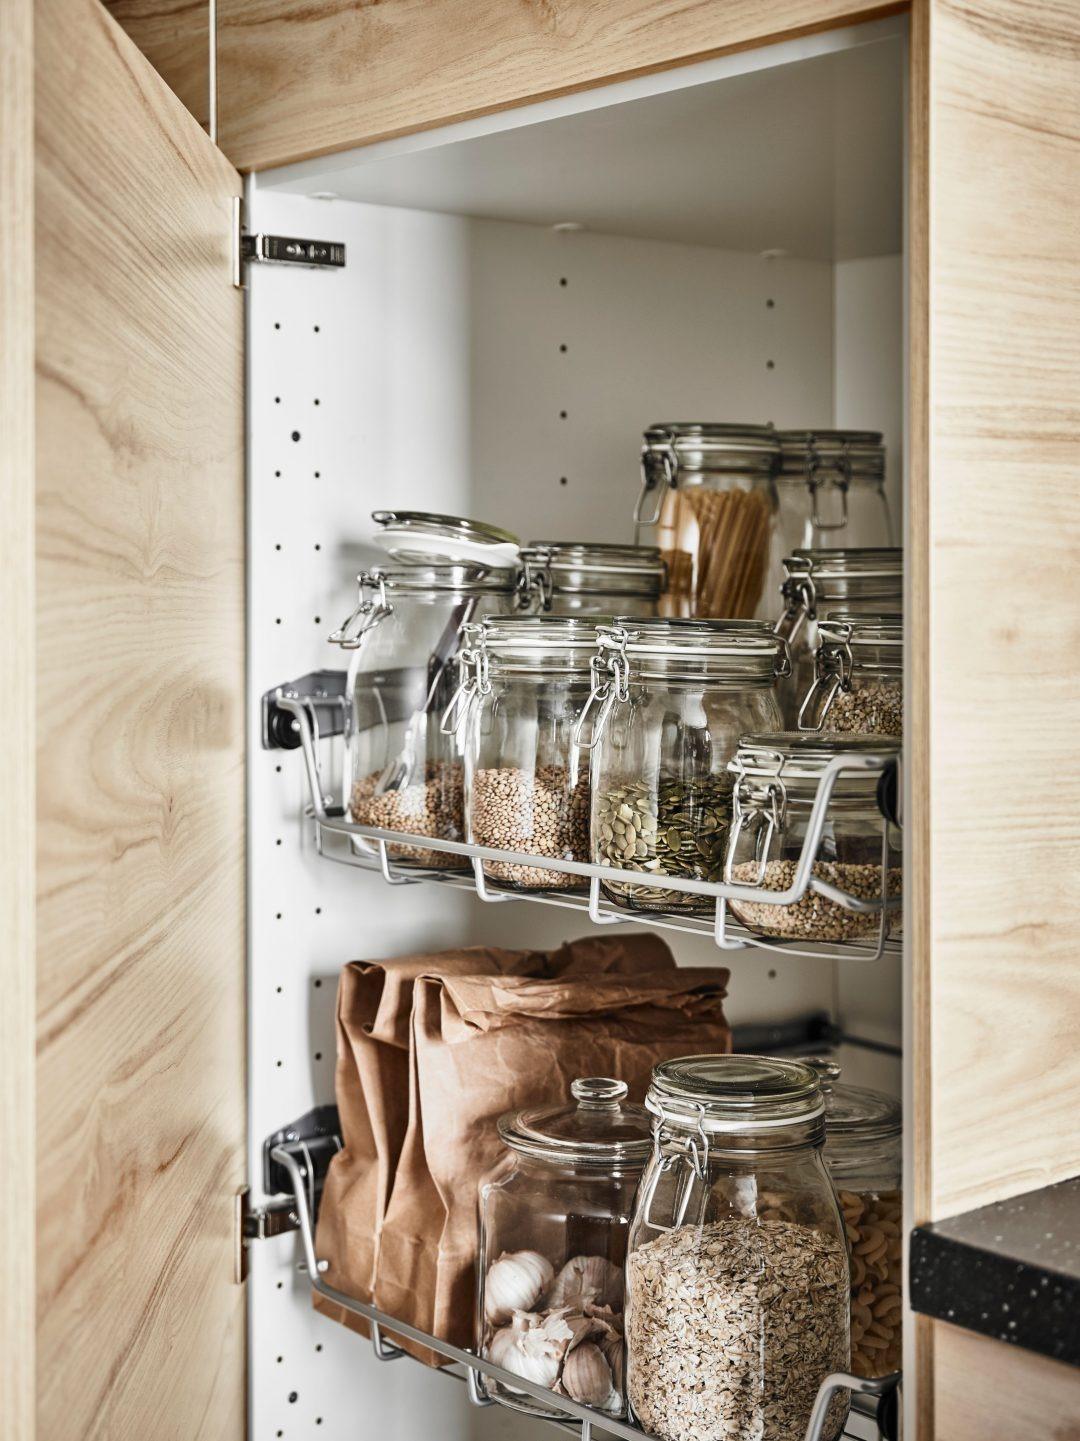 10 thứ nên loại bỏ khỏi nhà bếp ngay bây giờ, giúp gọn gàng, an toàn mà còn tiết kiệm tiền  - Ảnh 4.